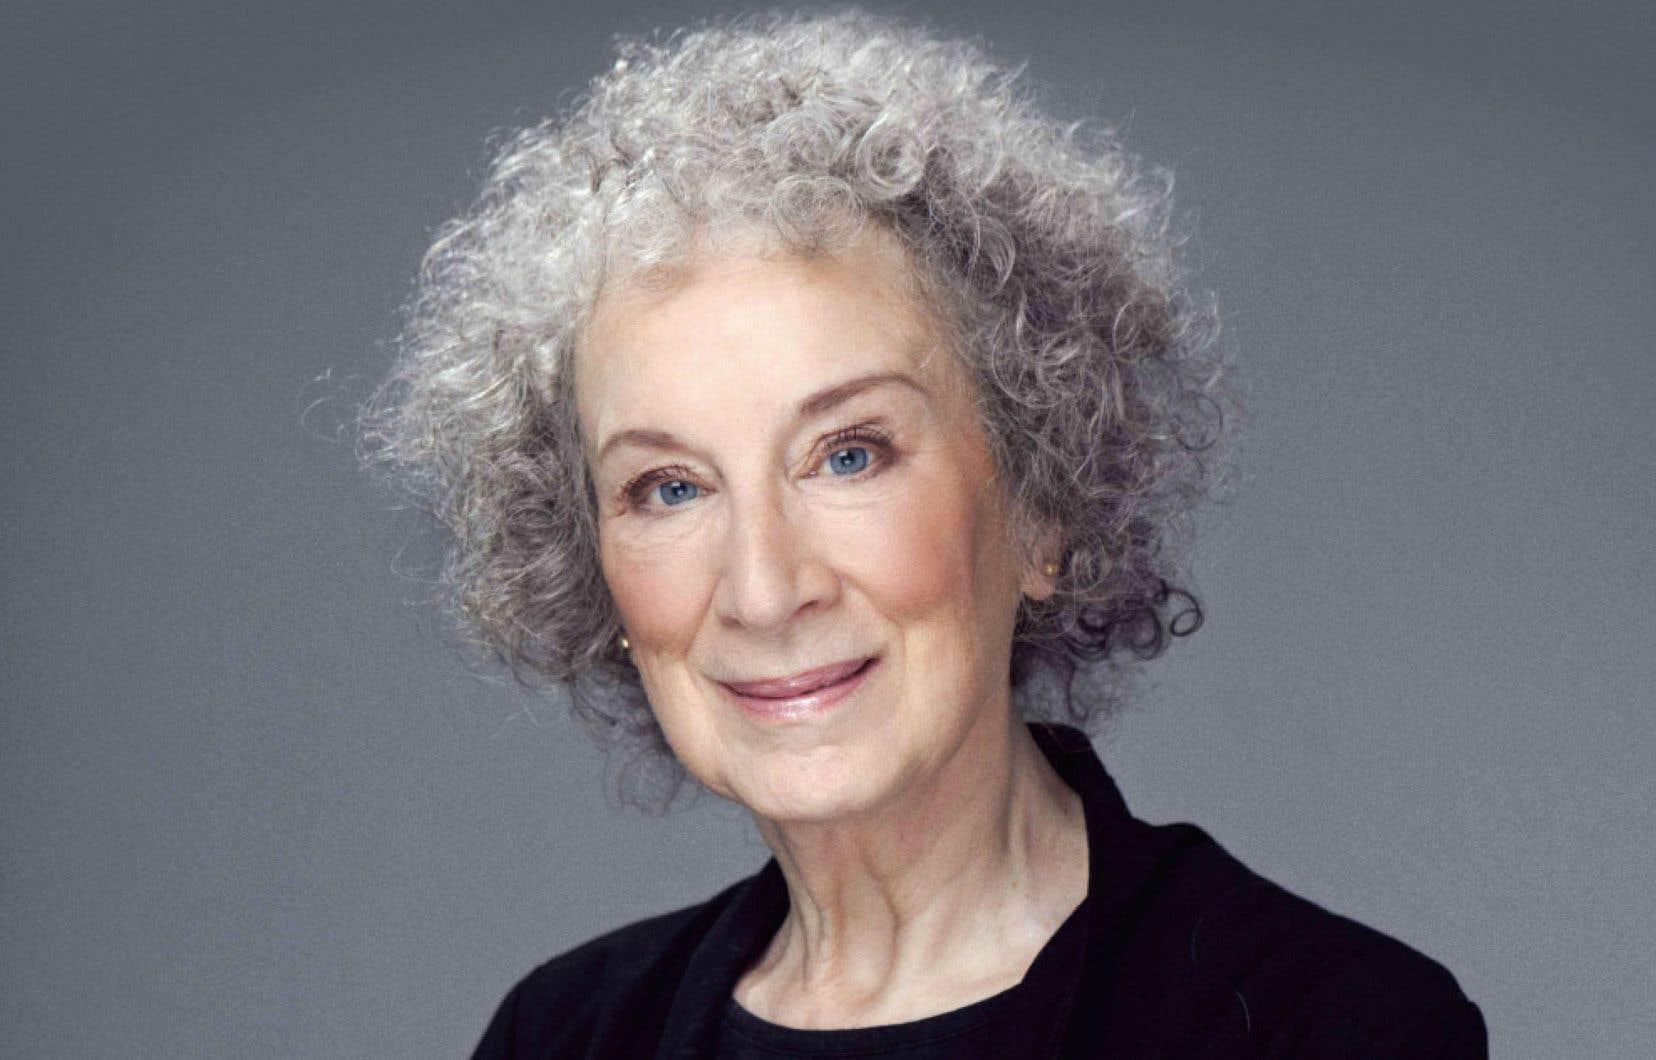 Margaret Atwood signe le quatrième roman d'une série pour le projet «Hogarth Shakespeare», qui invite des écrivains à réinventer les pièces de l'indétrônable dramaturge.